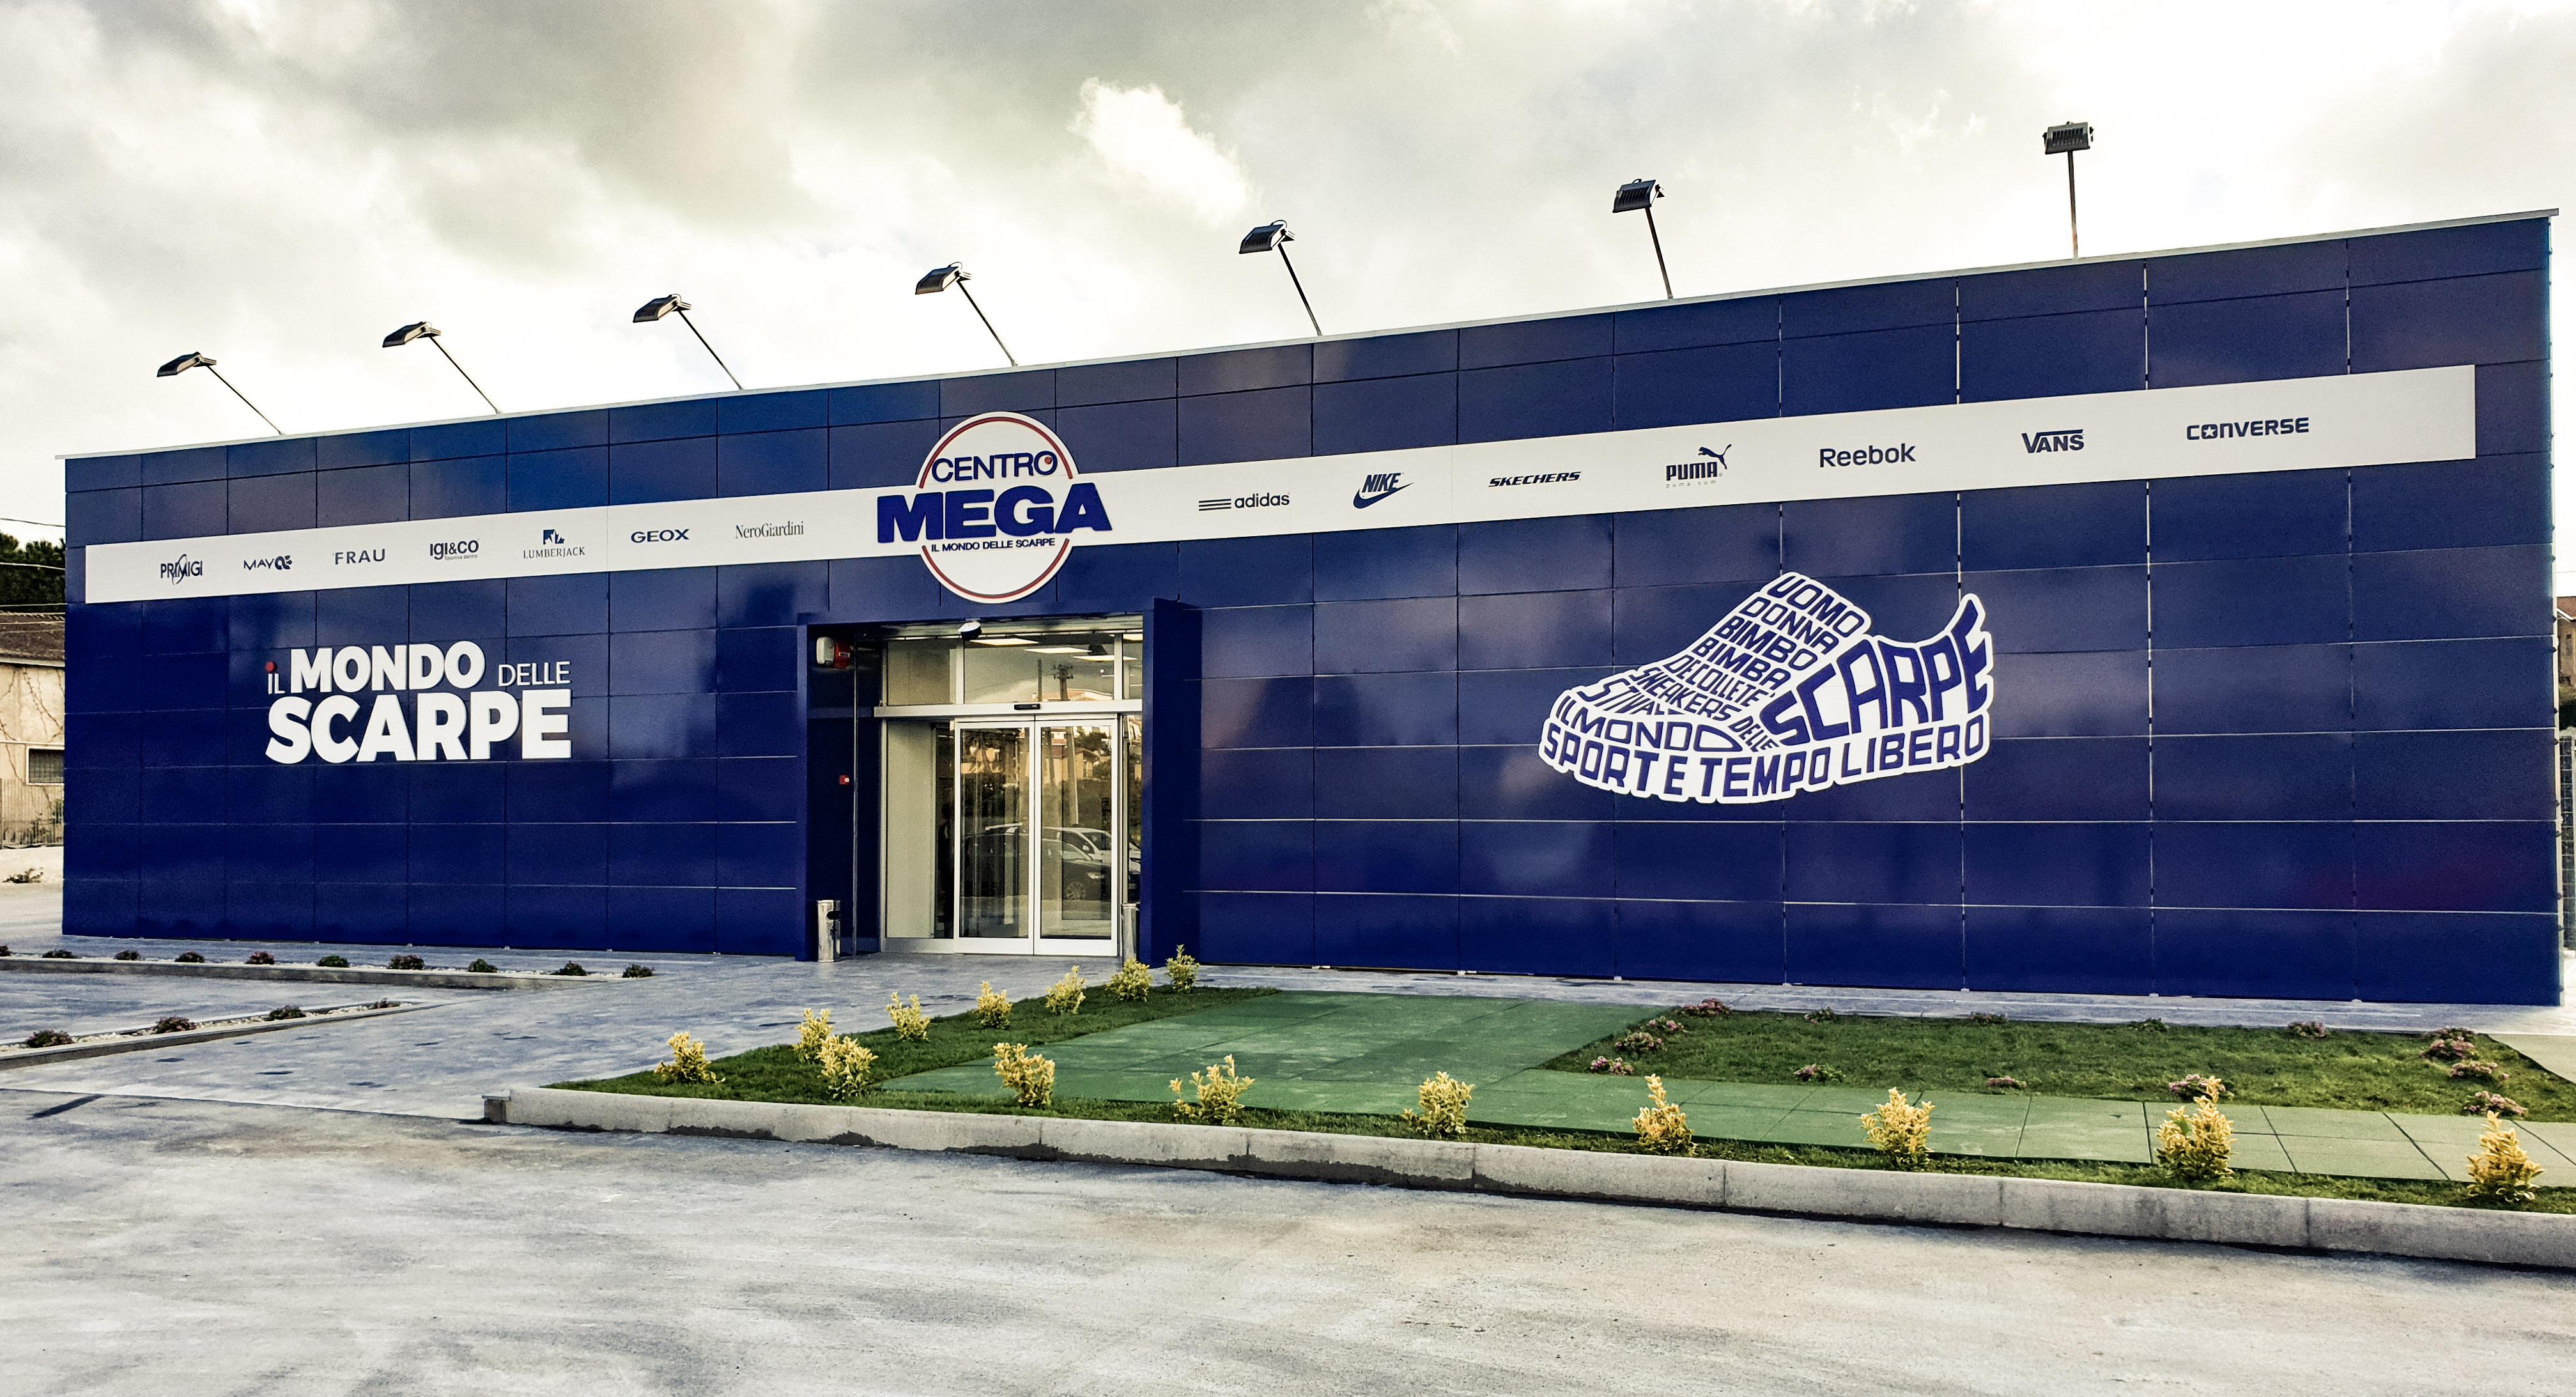 Centro mega il mondo delle scarpe for Centro ingrosso arredamenti di firma